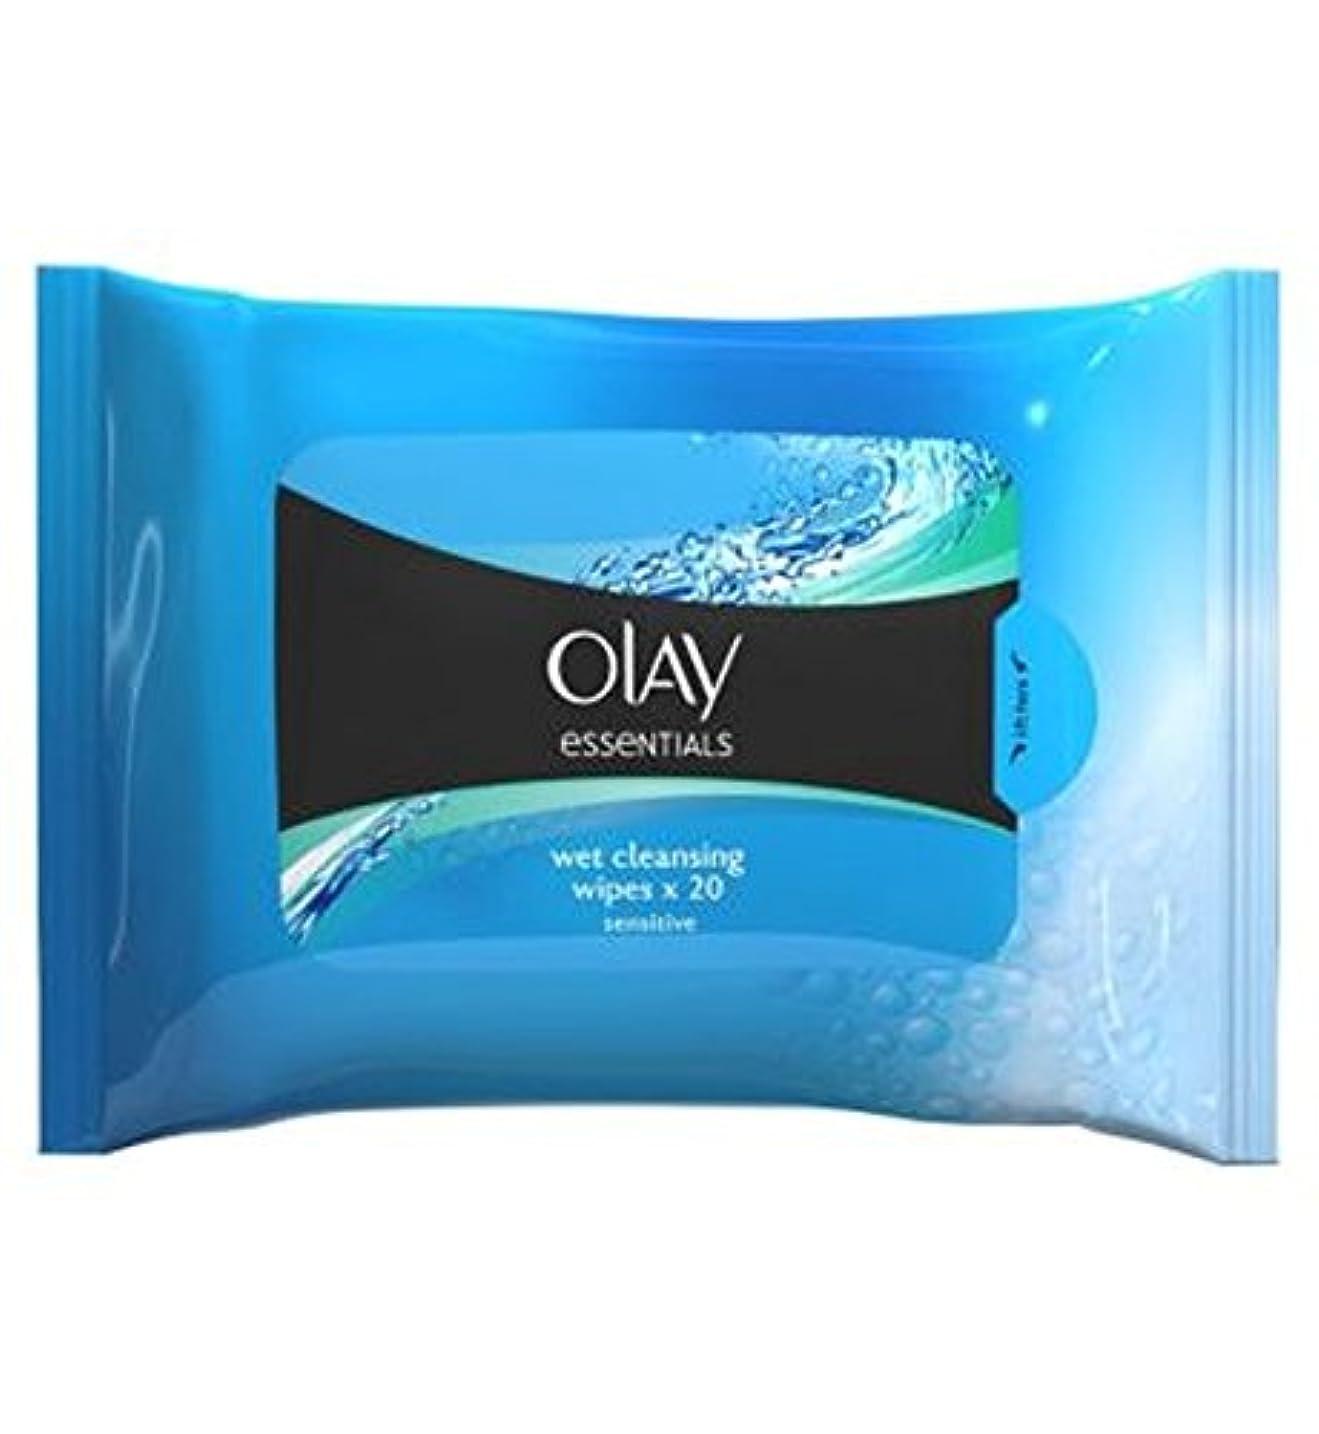 拒絶それからリブOlay Essentials Facial Sensitive Cleansing Wipes in Resealable Pouch x20 - 顔の敏感なクレンジングは、再シール可能なポーチX20にワイプオーレイの必需品 (Olay) [並行輸入品]